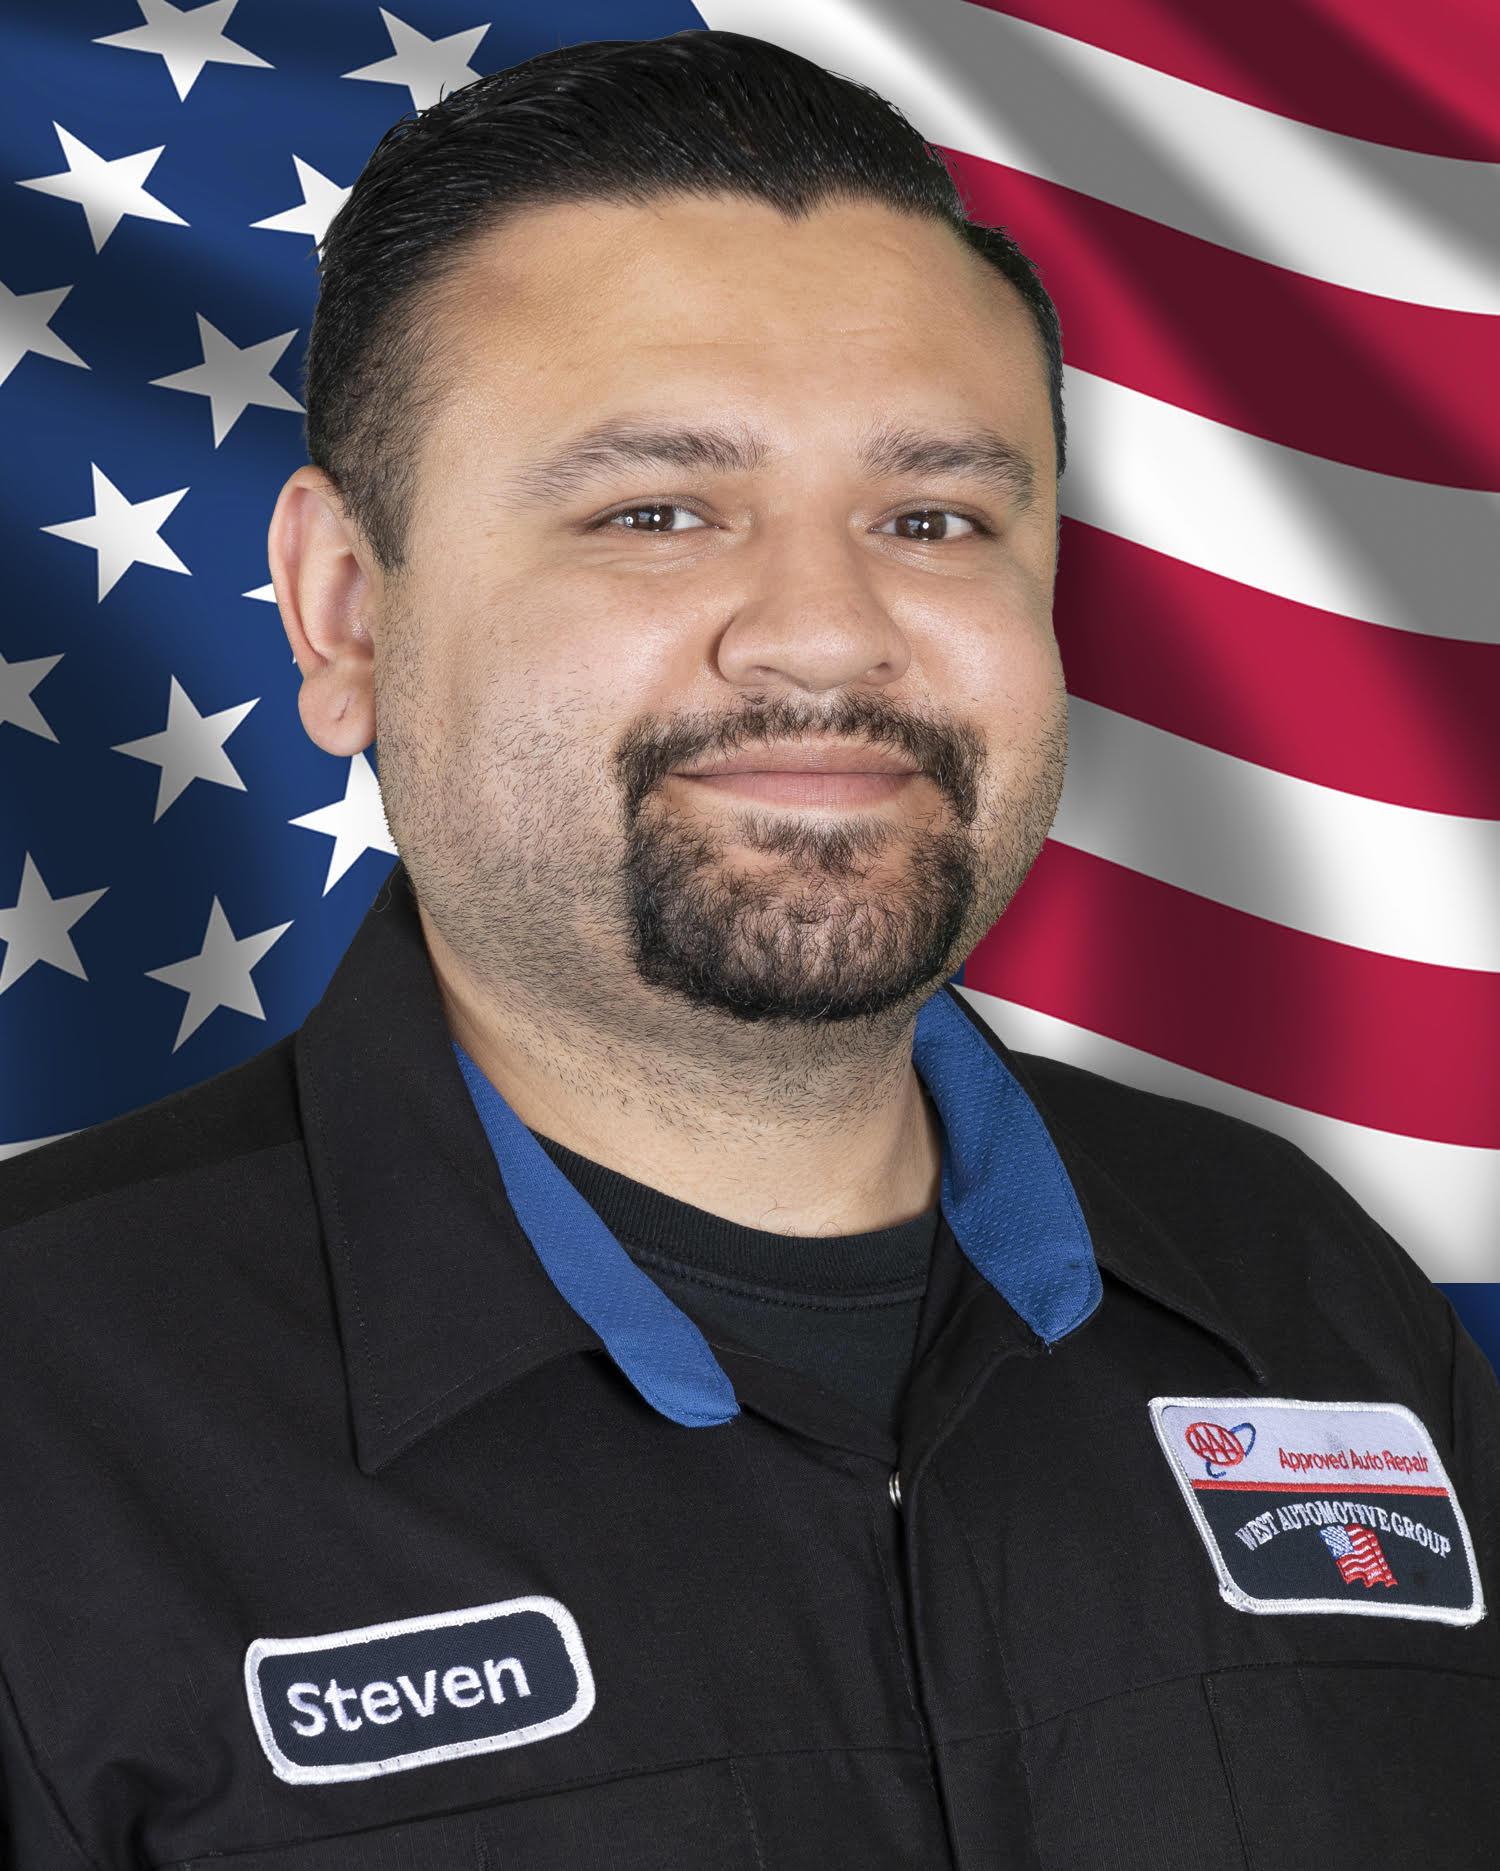 Steven Navarrete